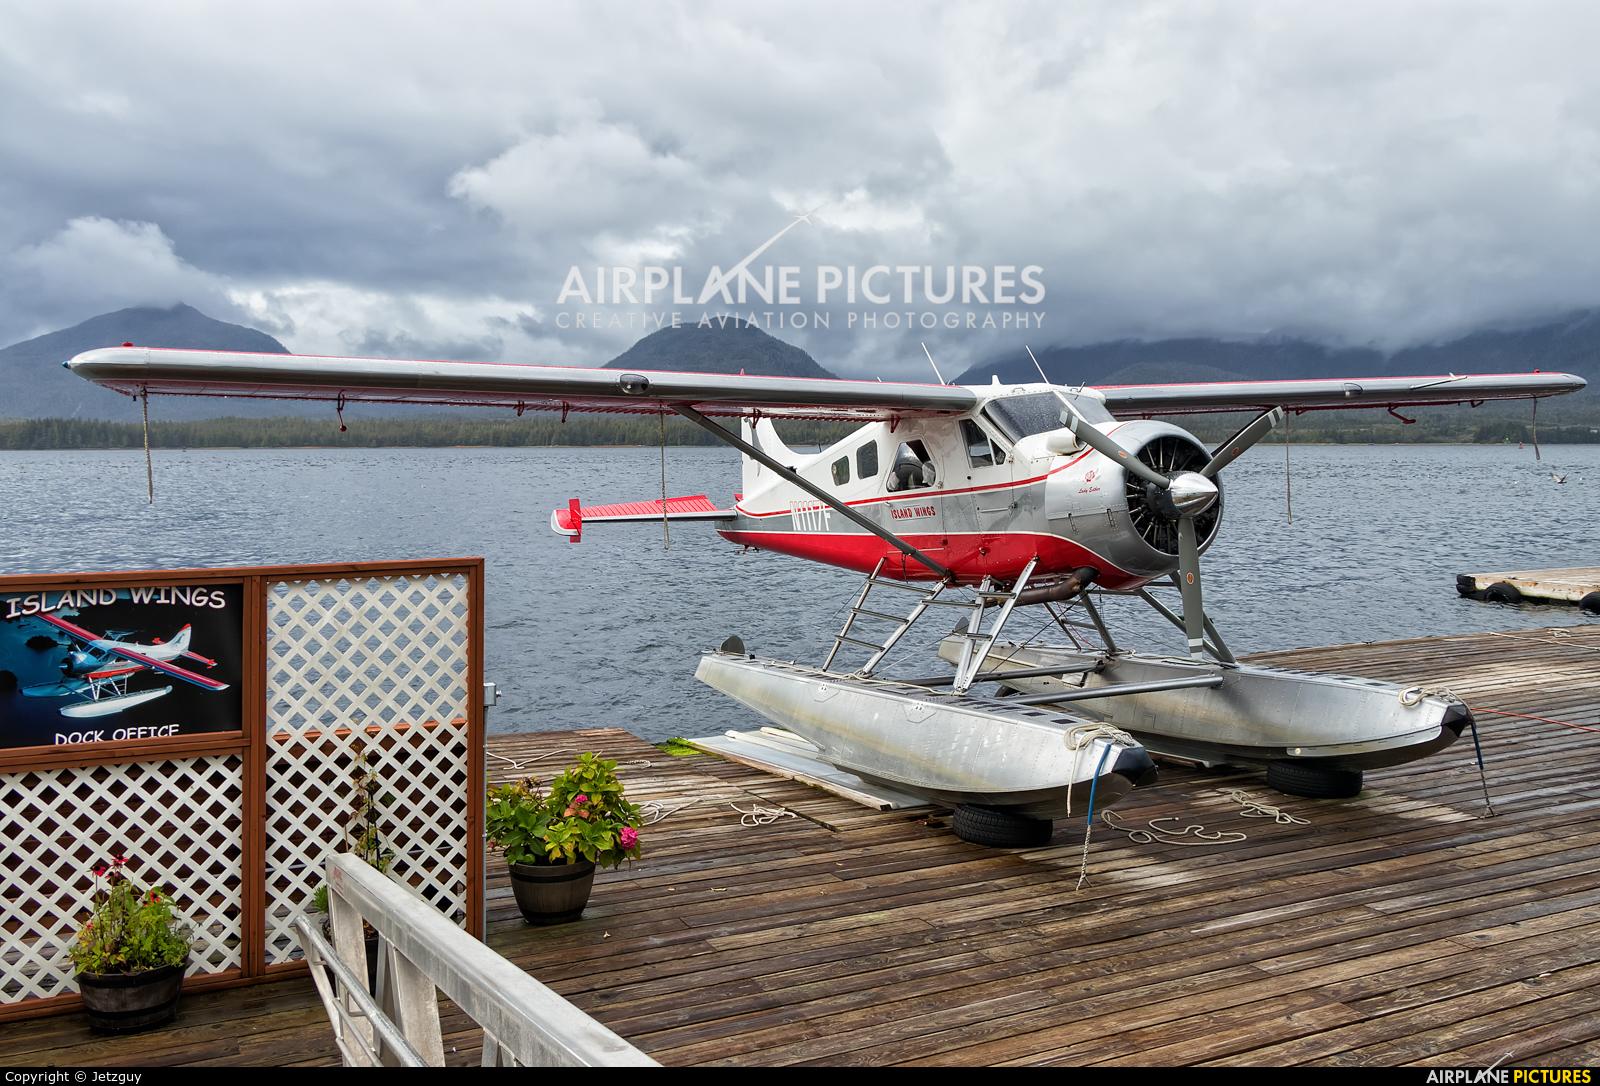 Island Wings N1117F aircraft at Ketchikan